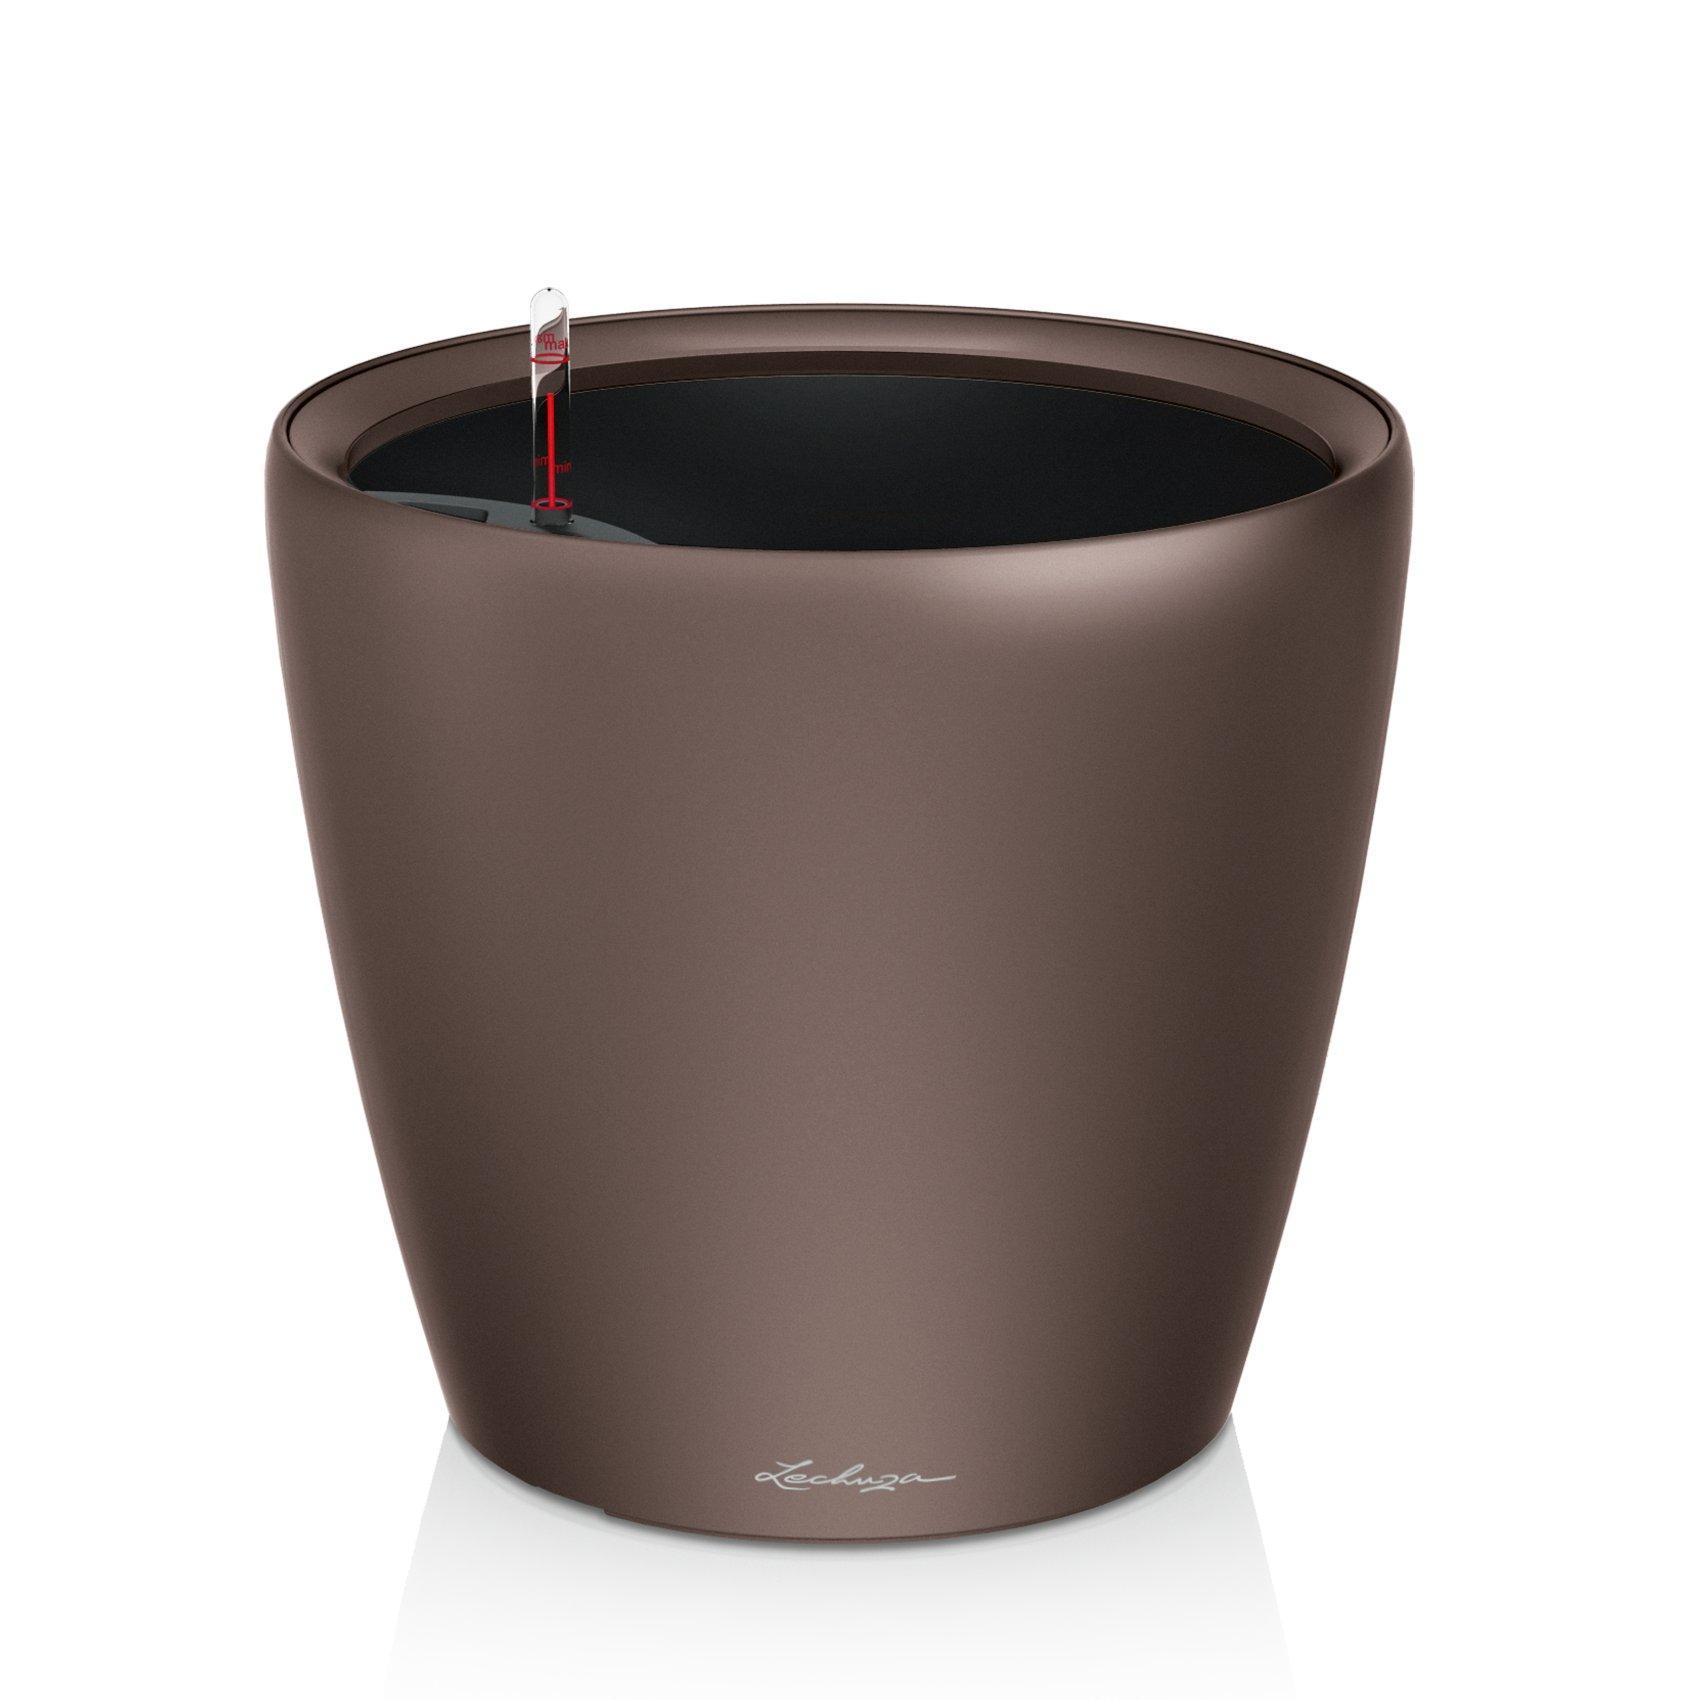 CLASSICO LS 28 espresso metallic